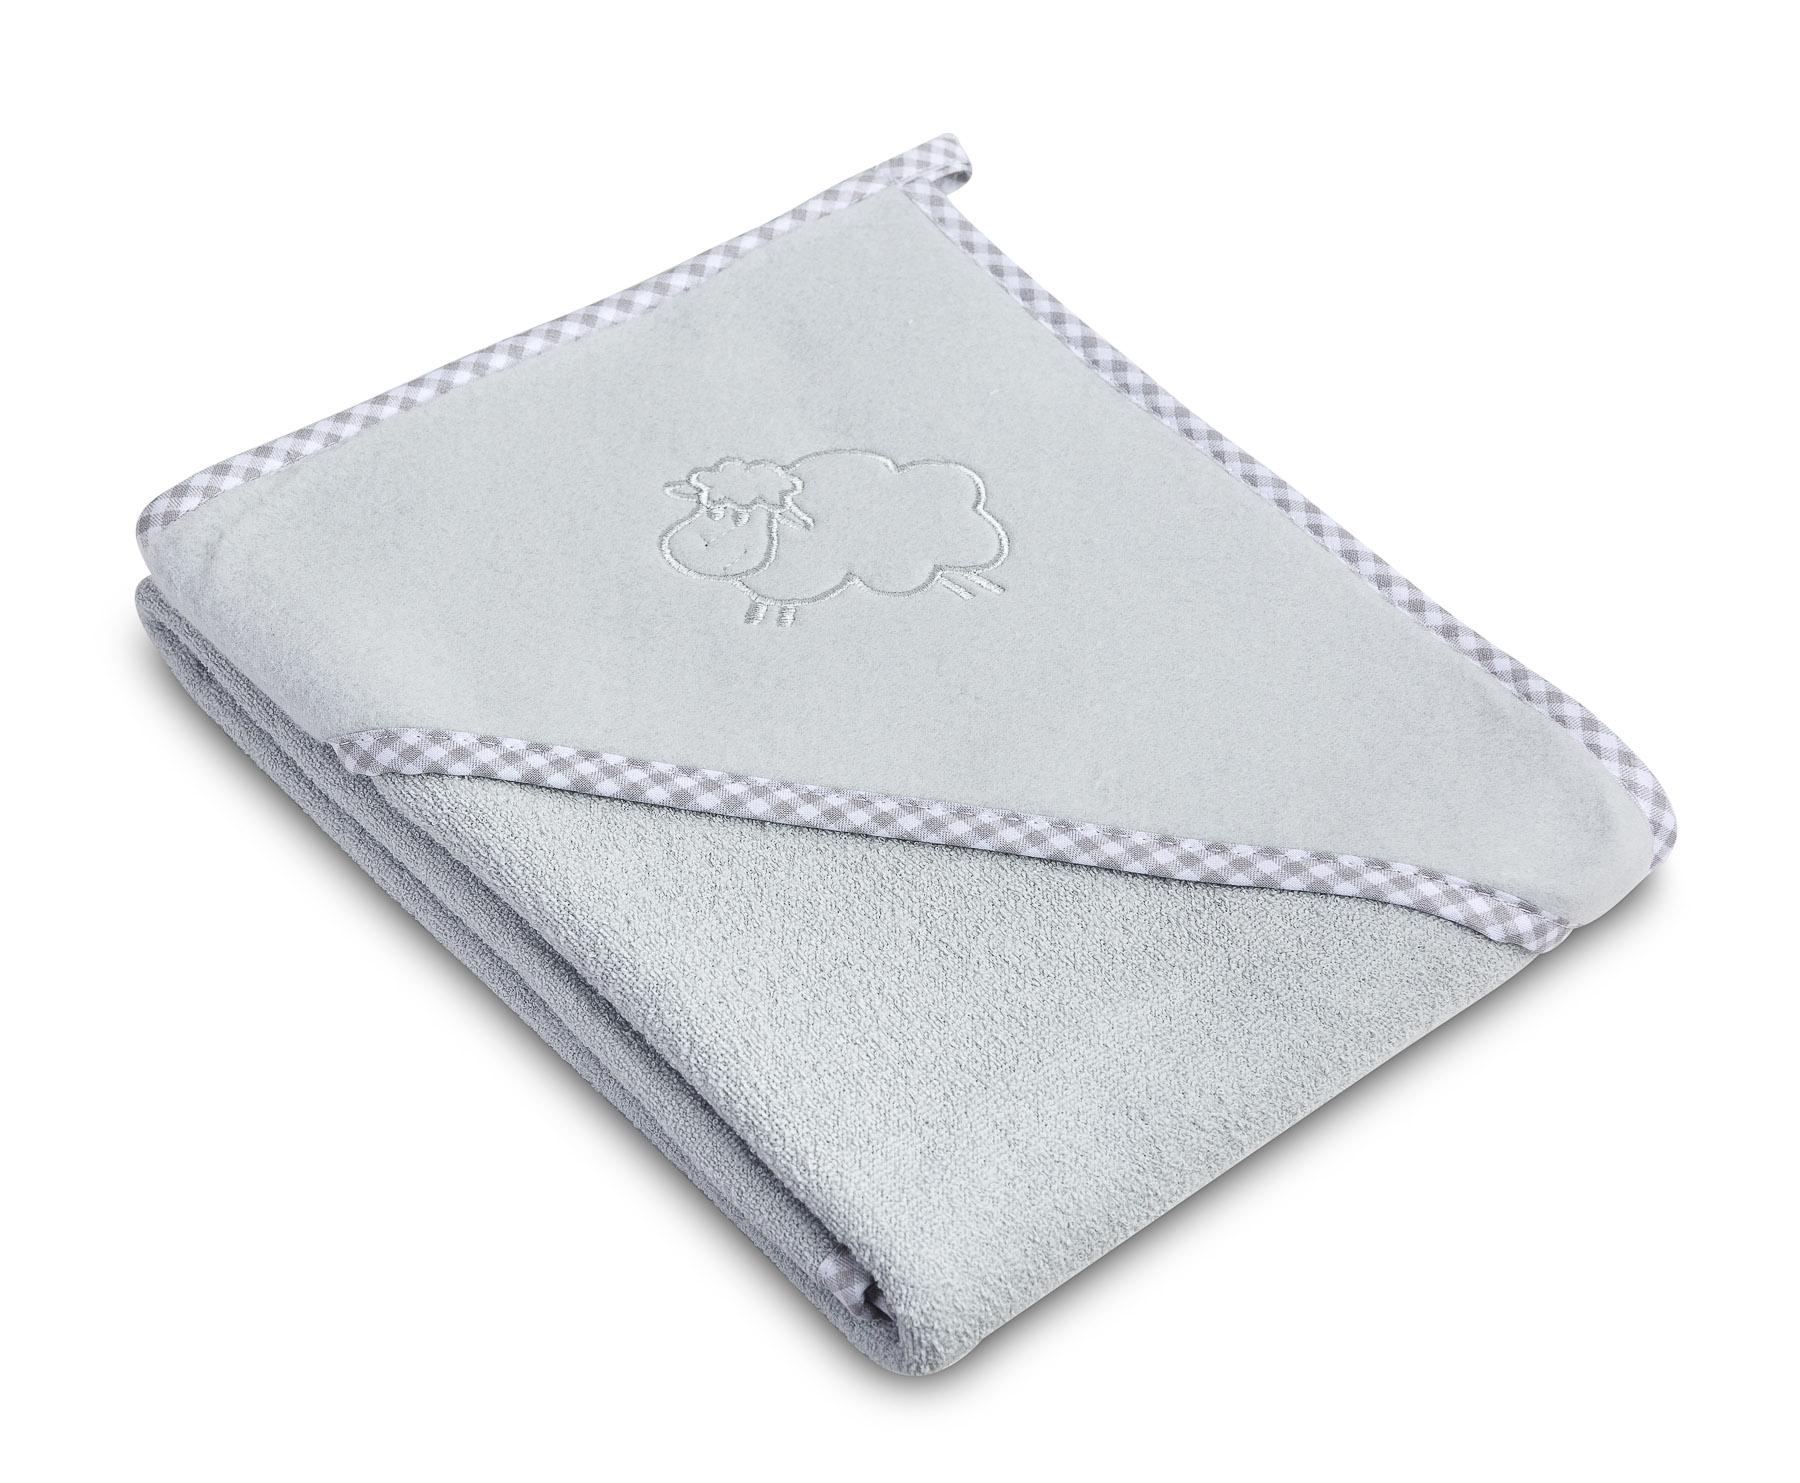 Lamb soft bath towel – grey